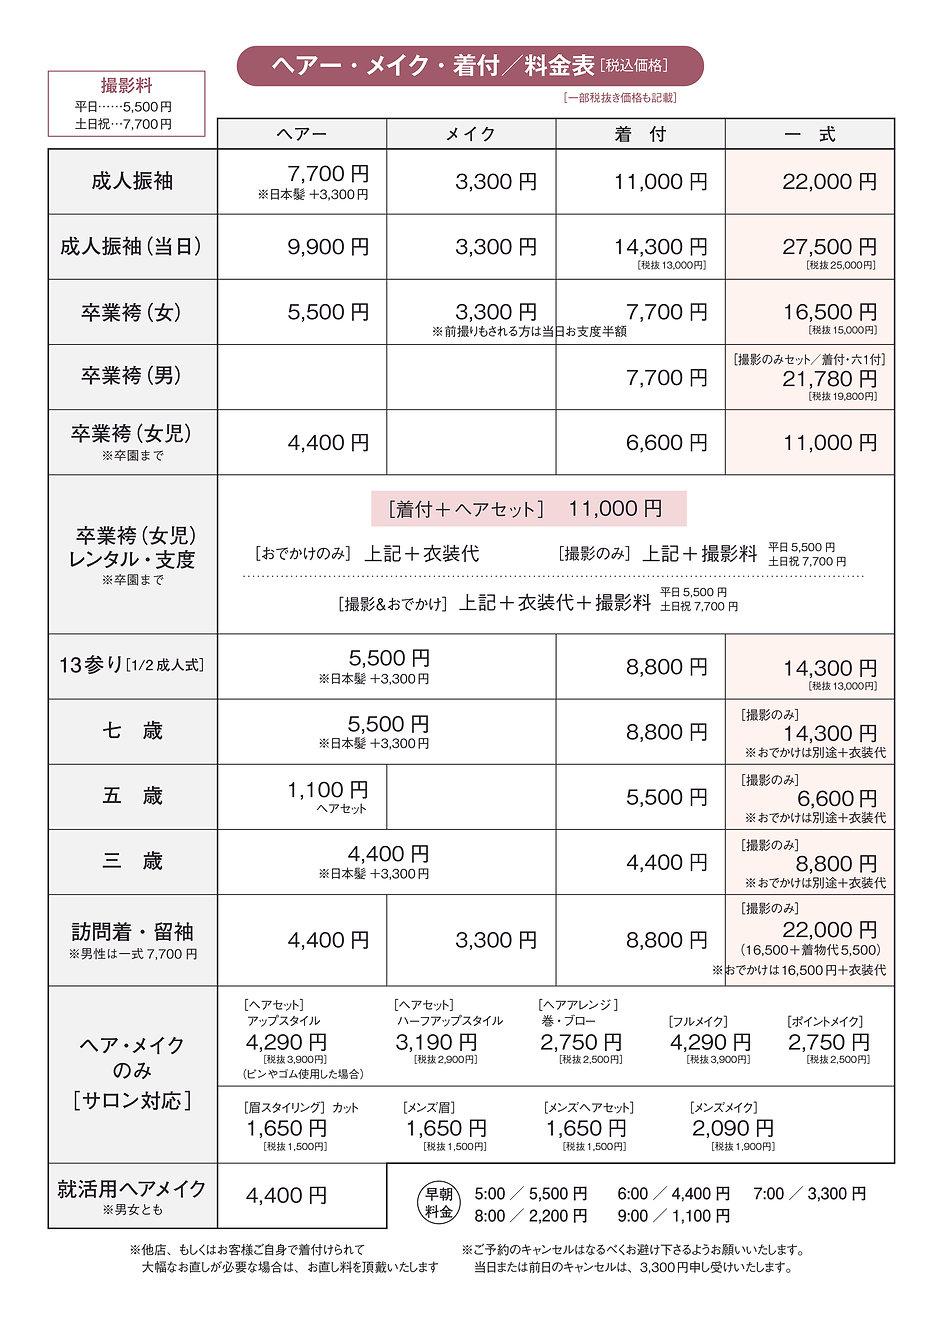 ヘアメイク4月料金表.jpg